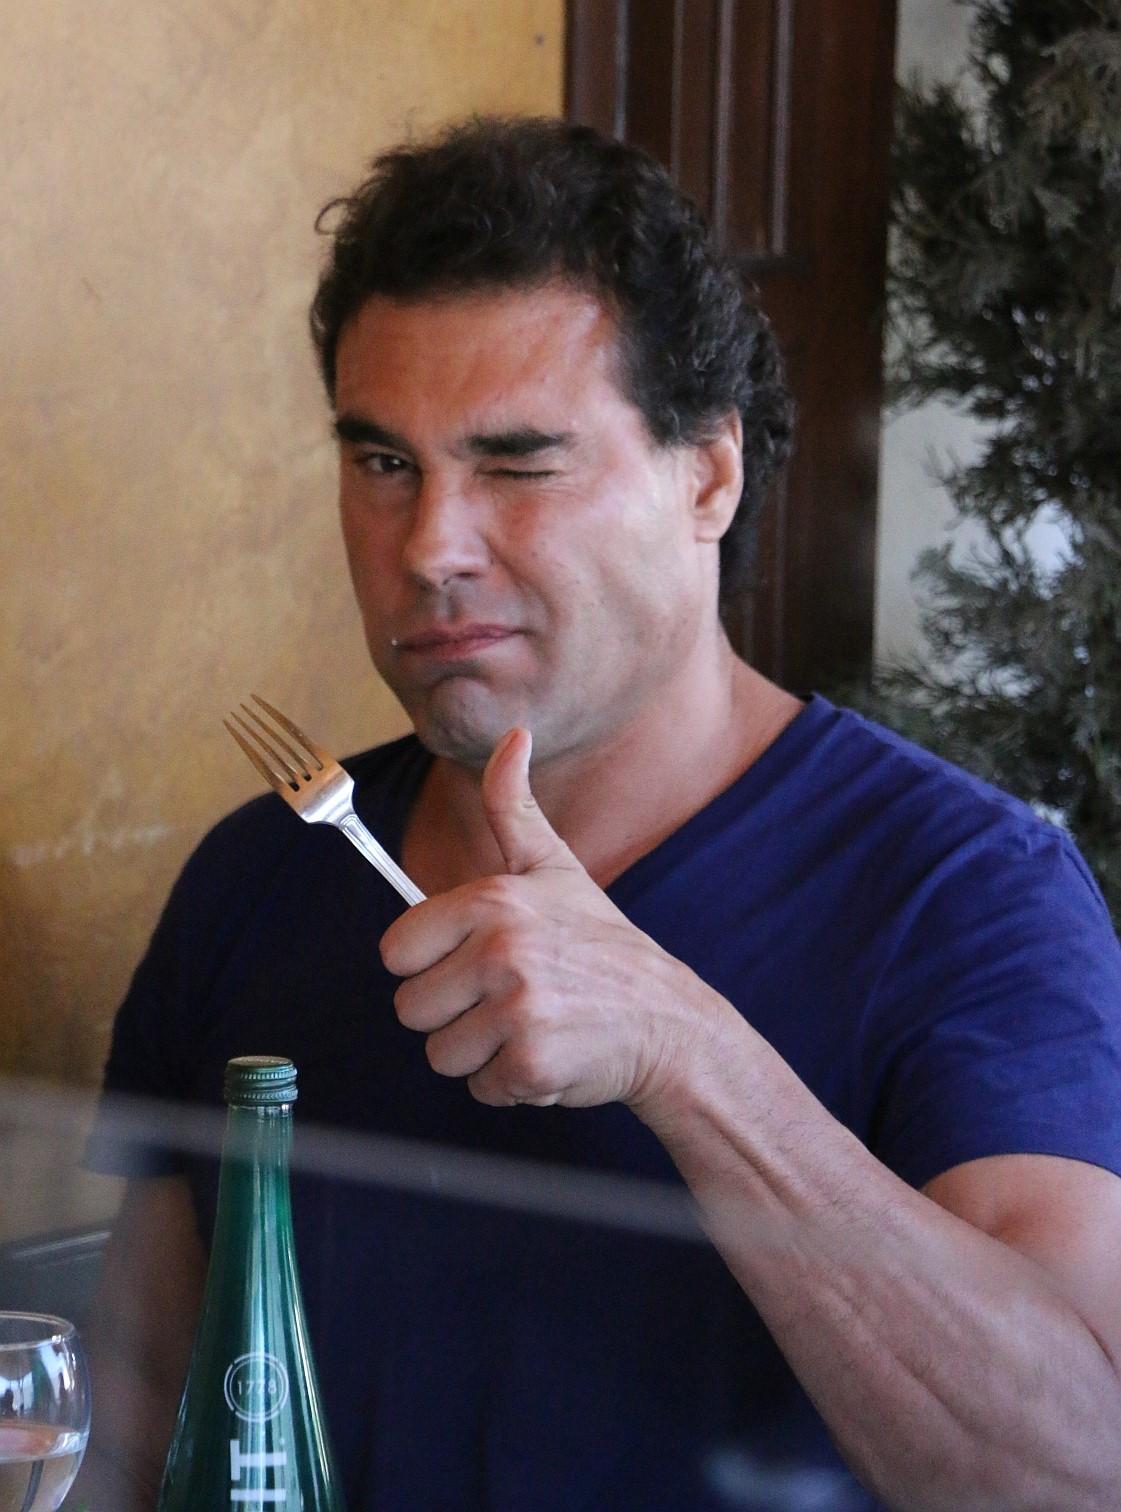 Eduardo Yanez Nos Saluda Con Un Pulgar Arriba Mientras Almuerza Con Un Amigo